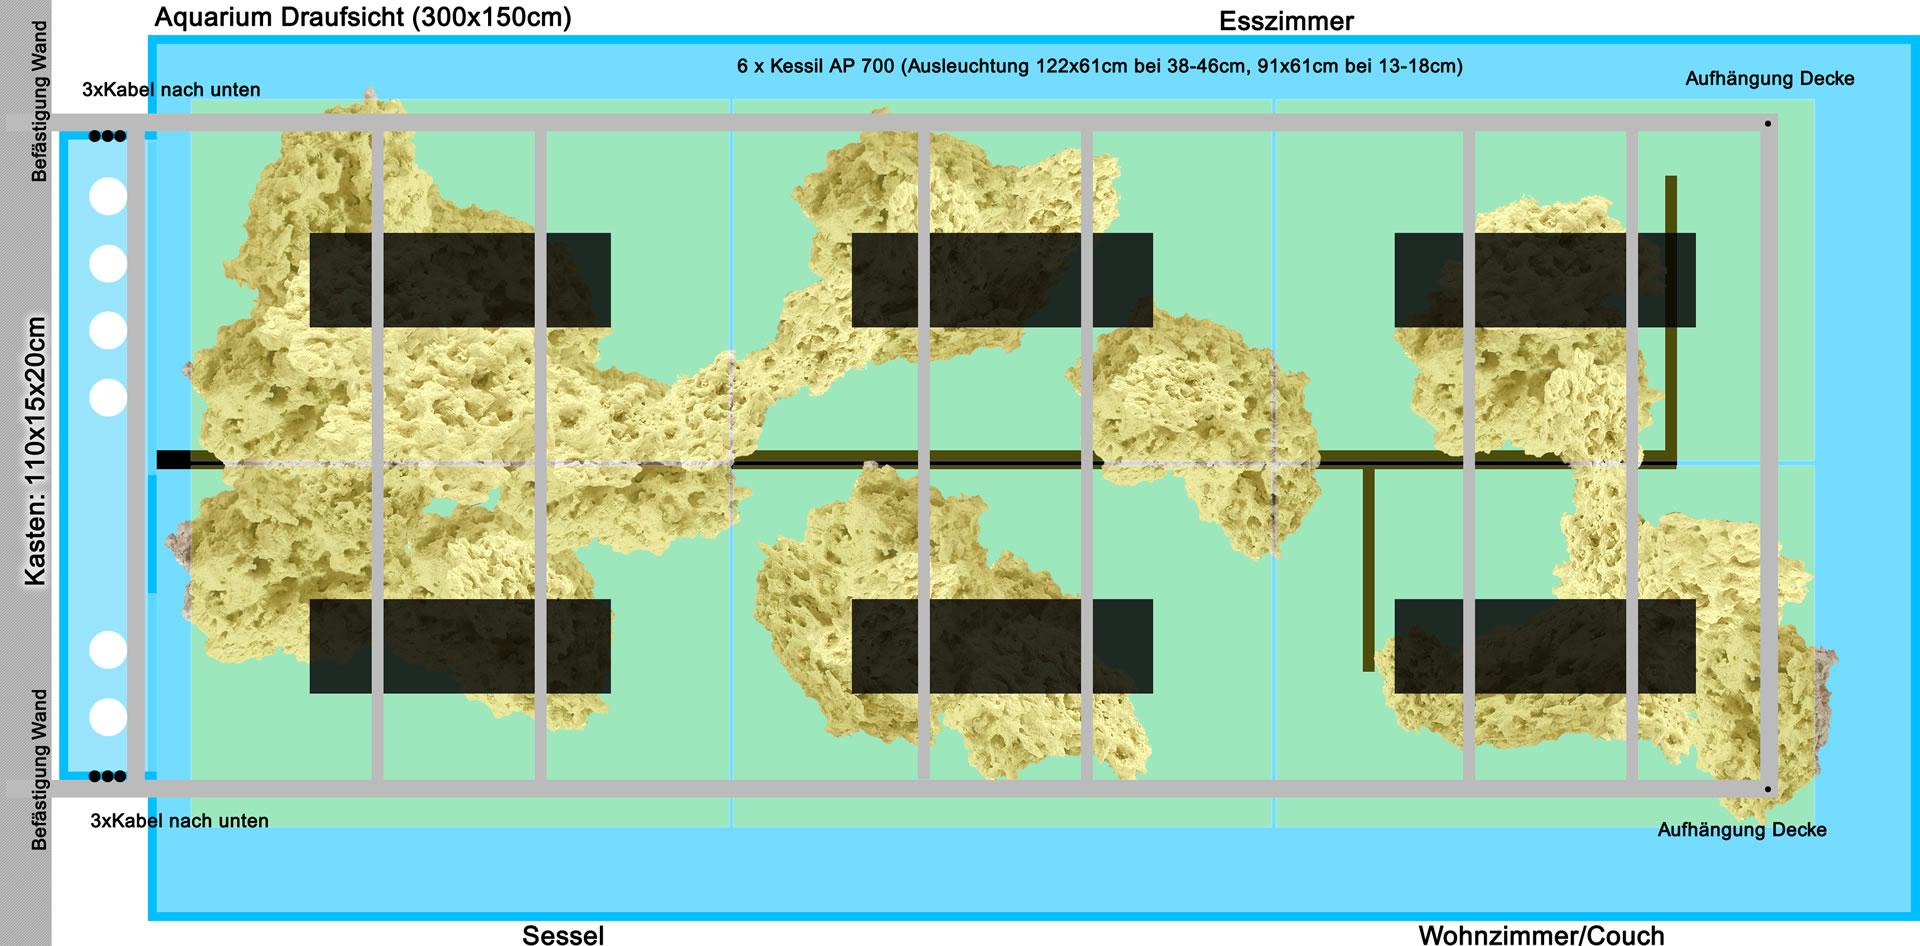 Überlegung Rahmen, Kabelführung und Ausleuchtung mit Kessil AP 700